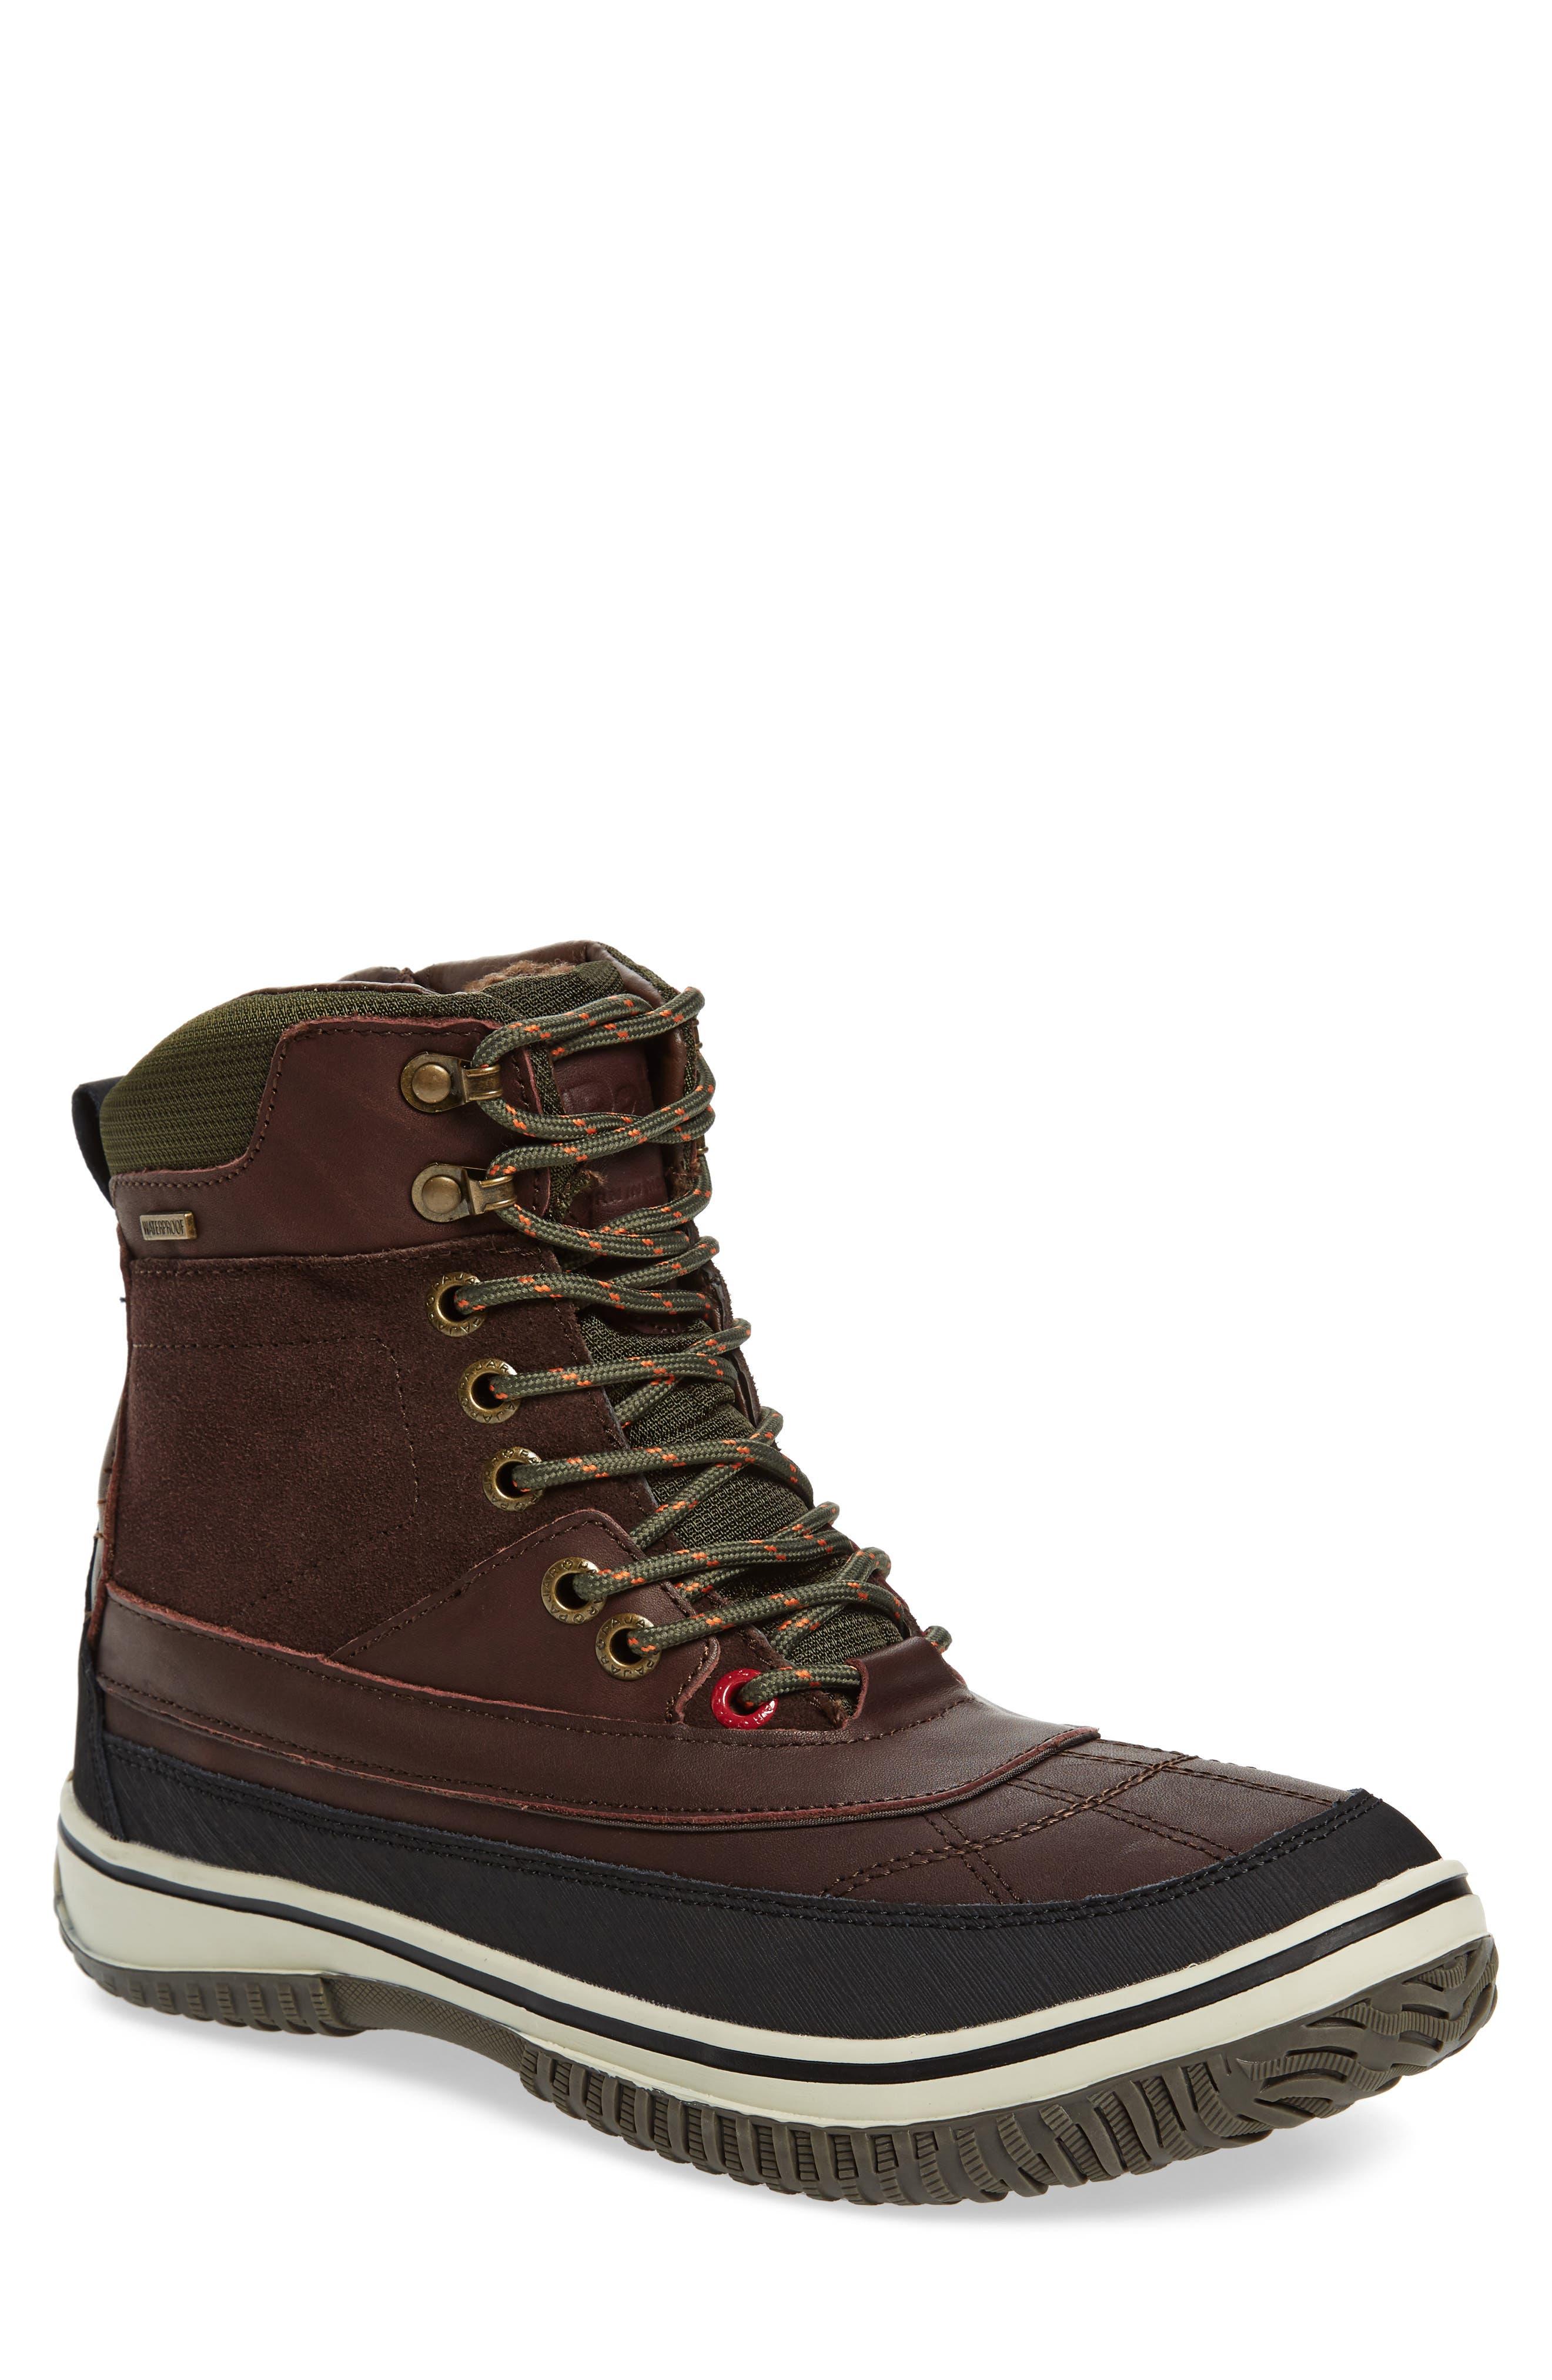 Pajar Gaspar Waterproof Winter Boot, Brown